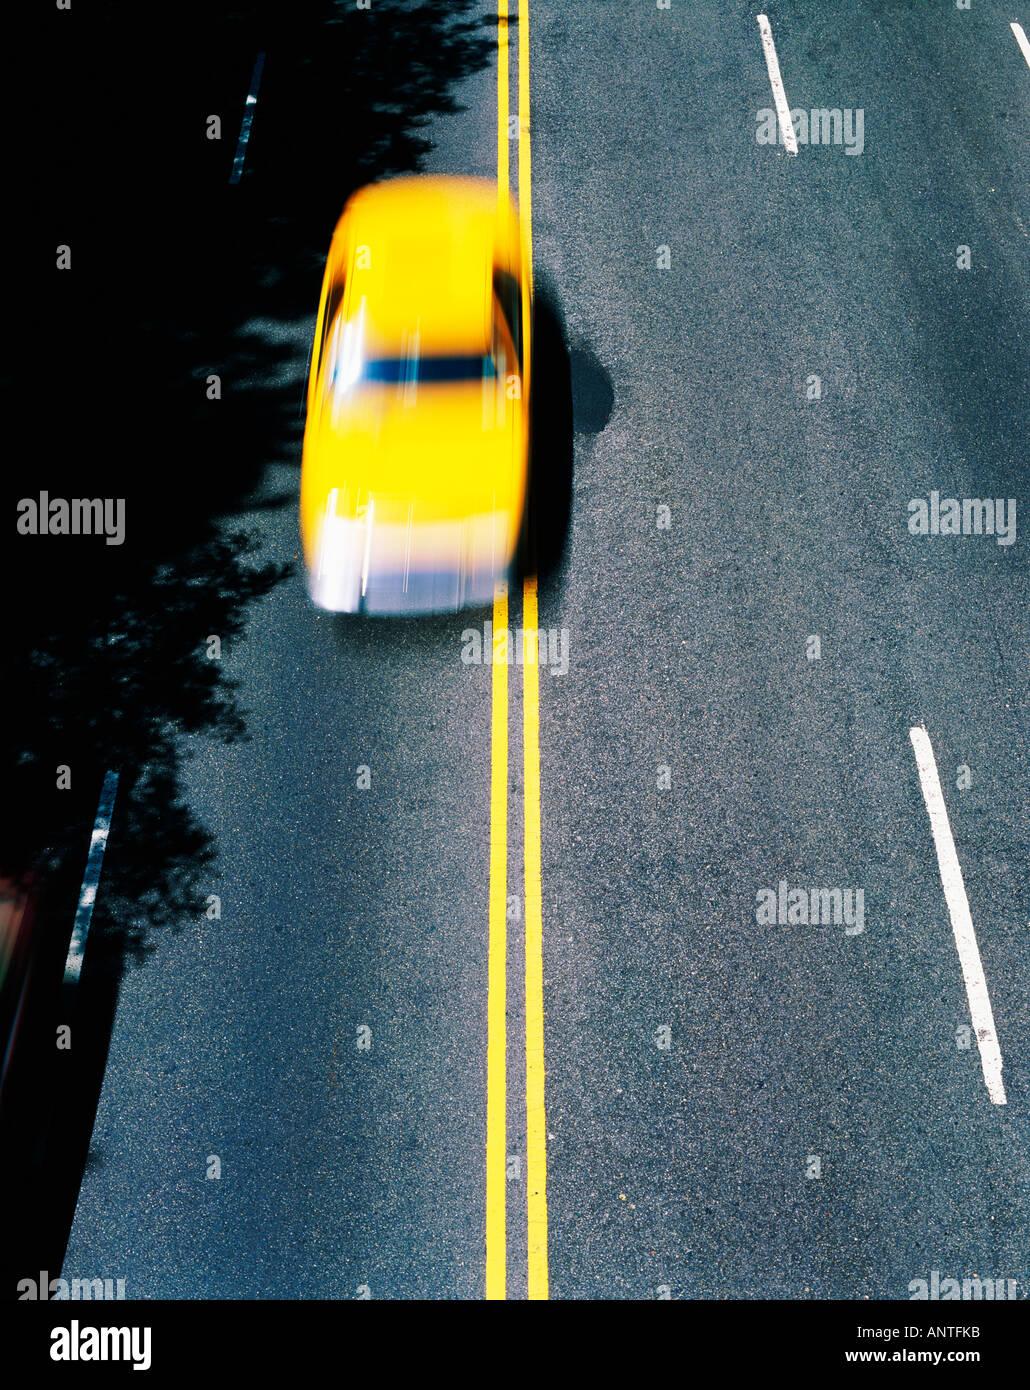 USA   NEW YORK   TAXI - Stock Image